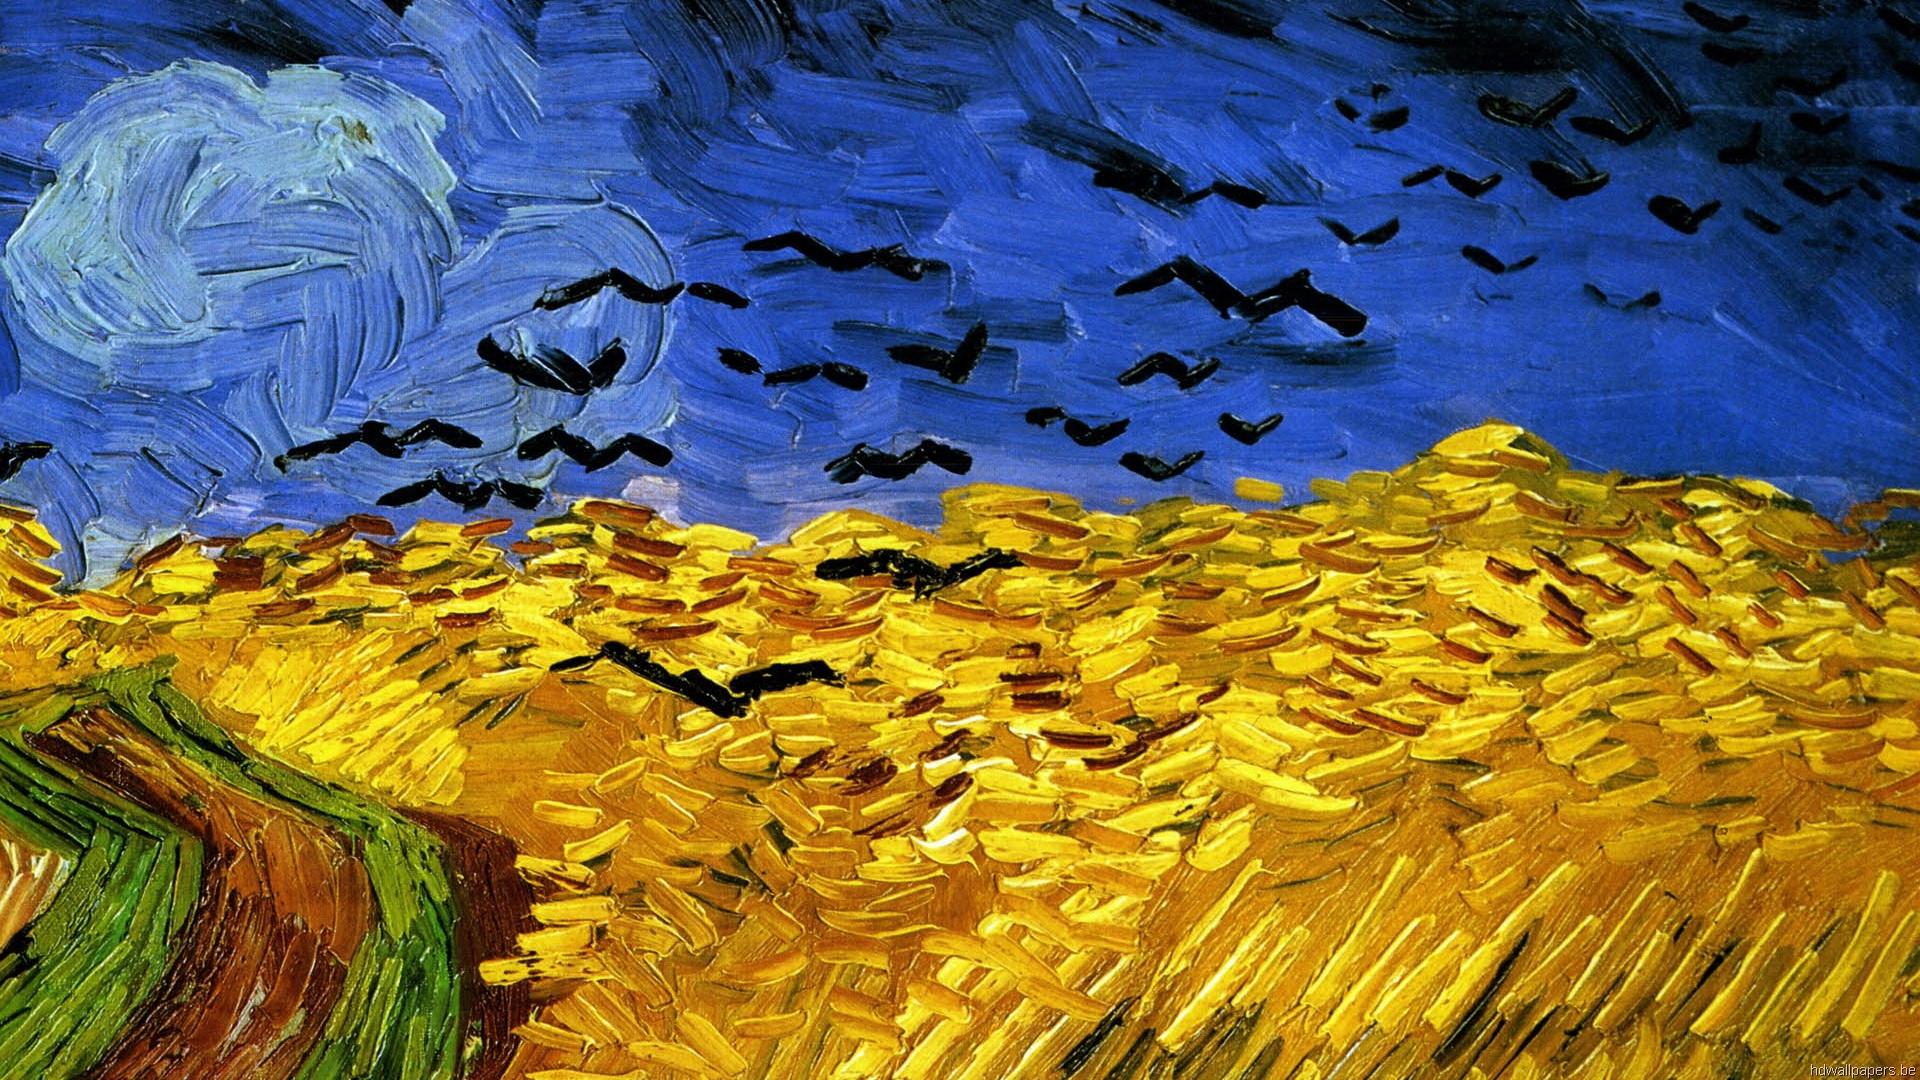 45 Van Gogh Hd Wallpaper On Wallpapersafari